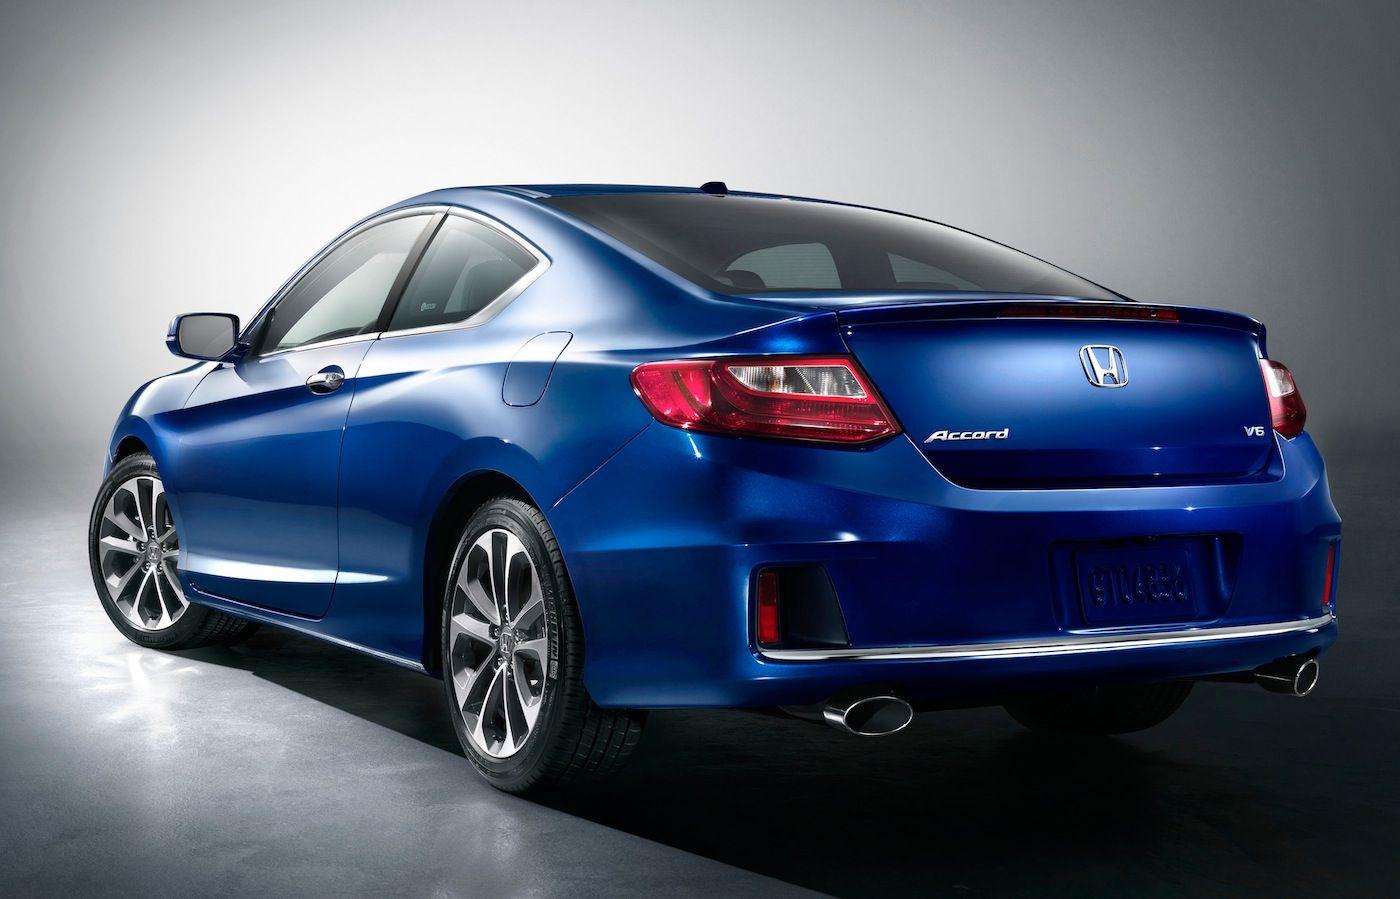 honda accord 2013 2013 Honda Accord (WONDER FUTURE CAR